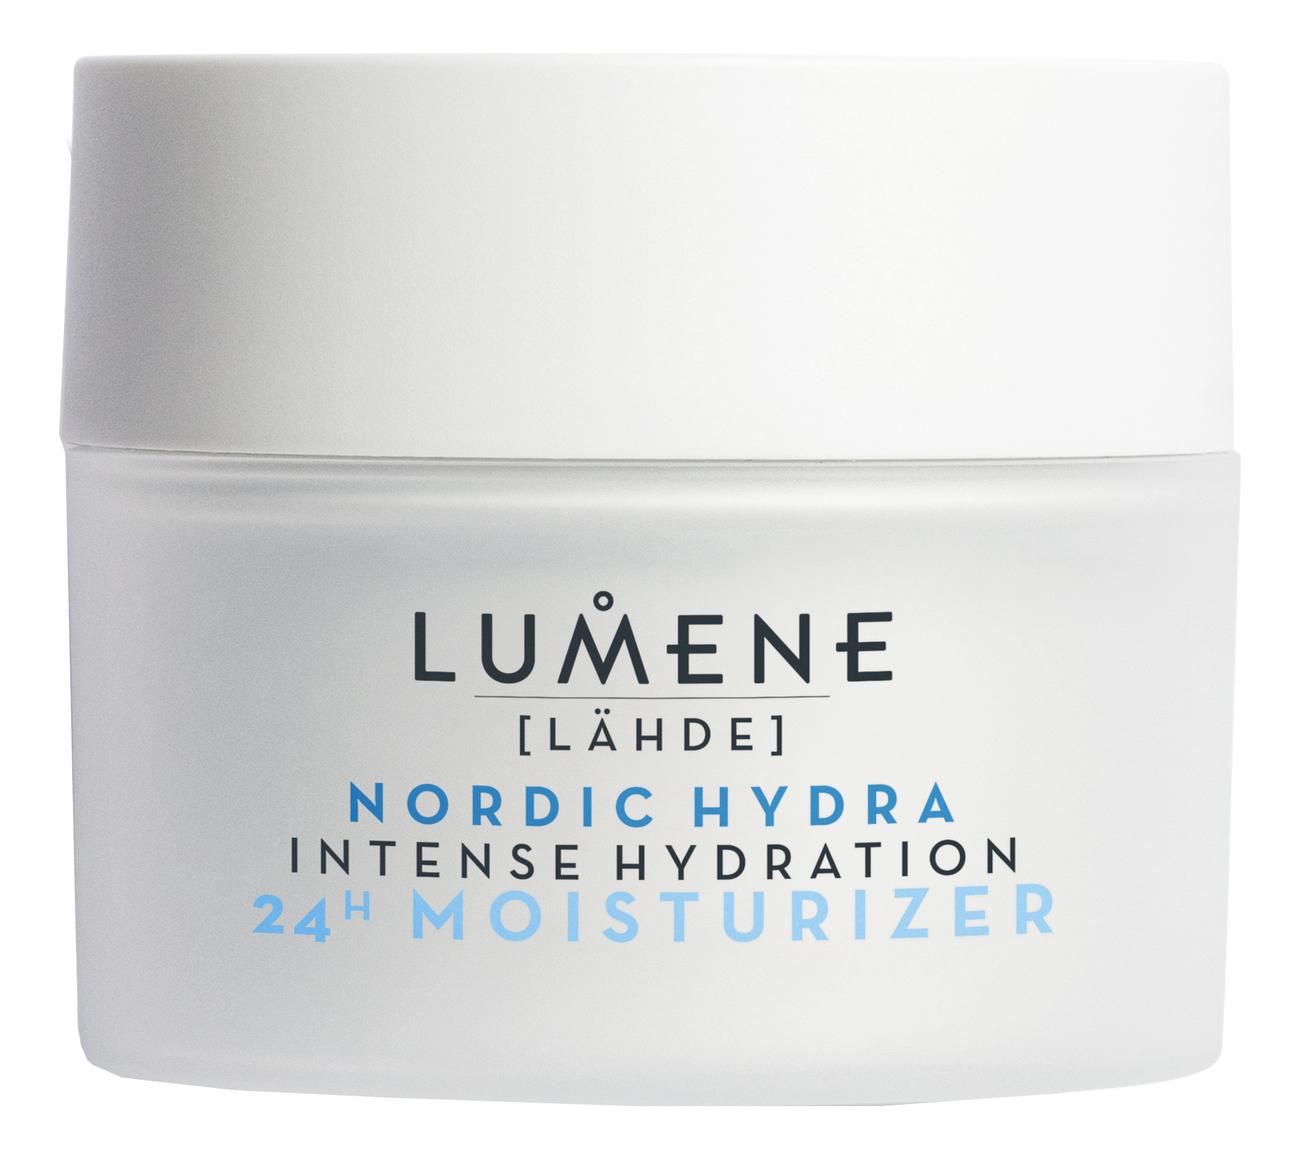 Интенсивный увлажняющий крем 24 часа Nordic Hydra Intense Hydration 24H Moisturizer: Крем 30мл